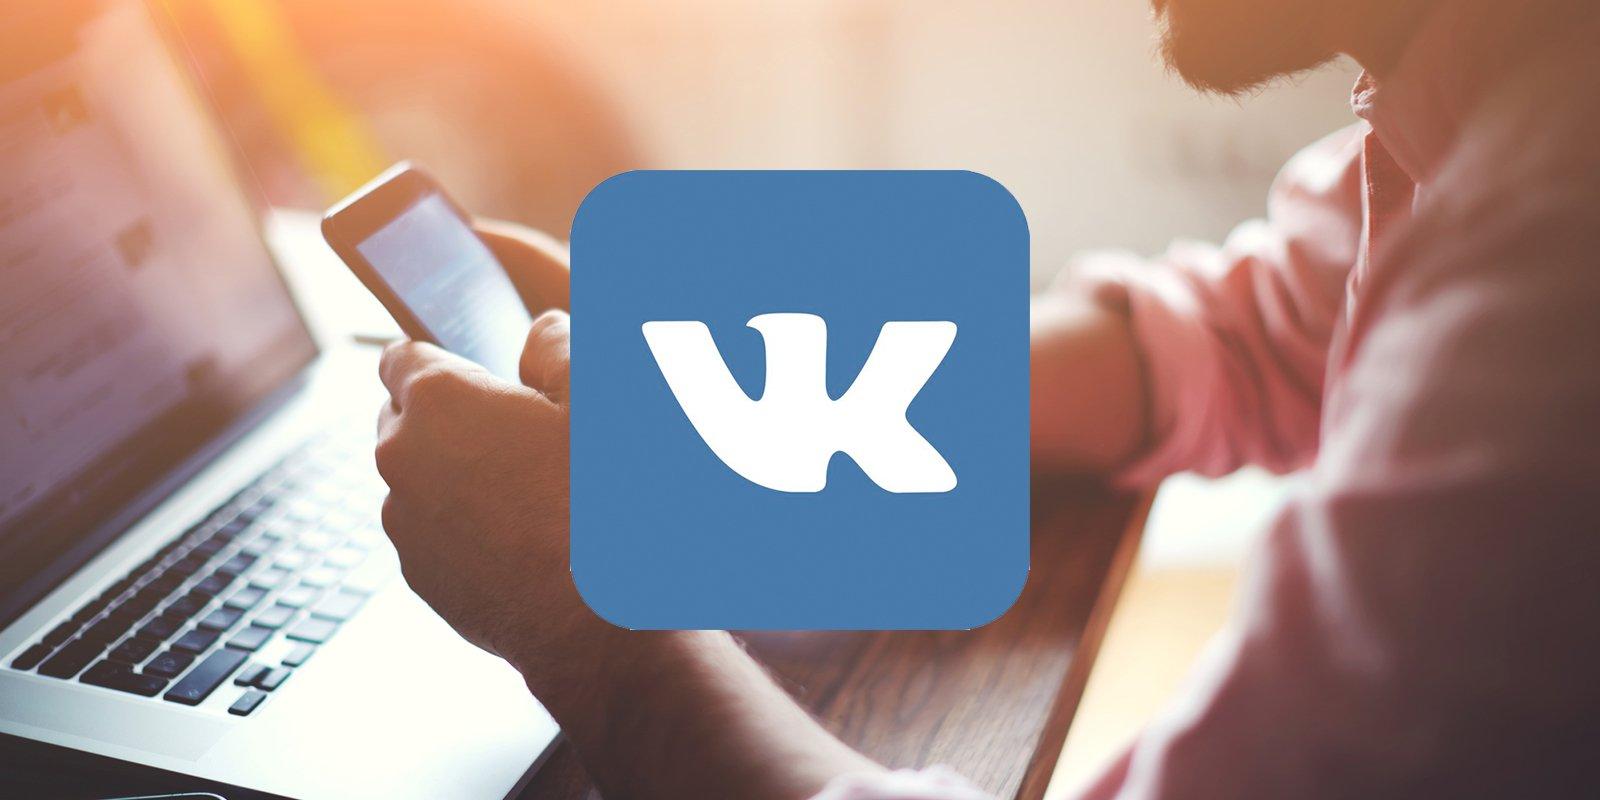 доступ к личным сообщениям ВКонтакте